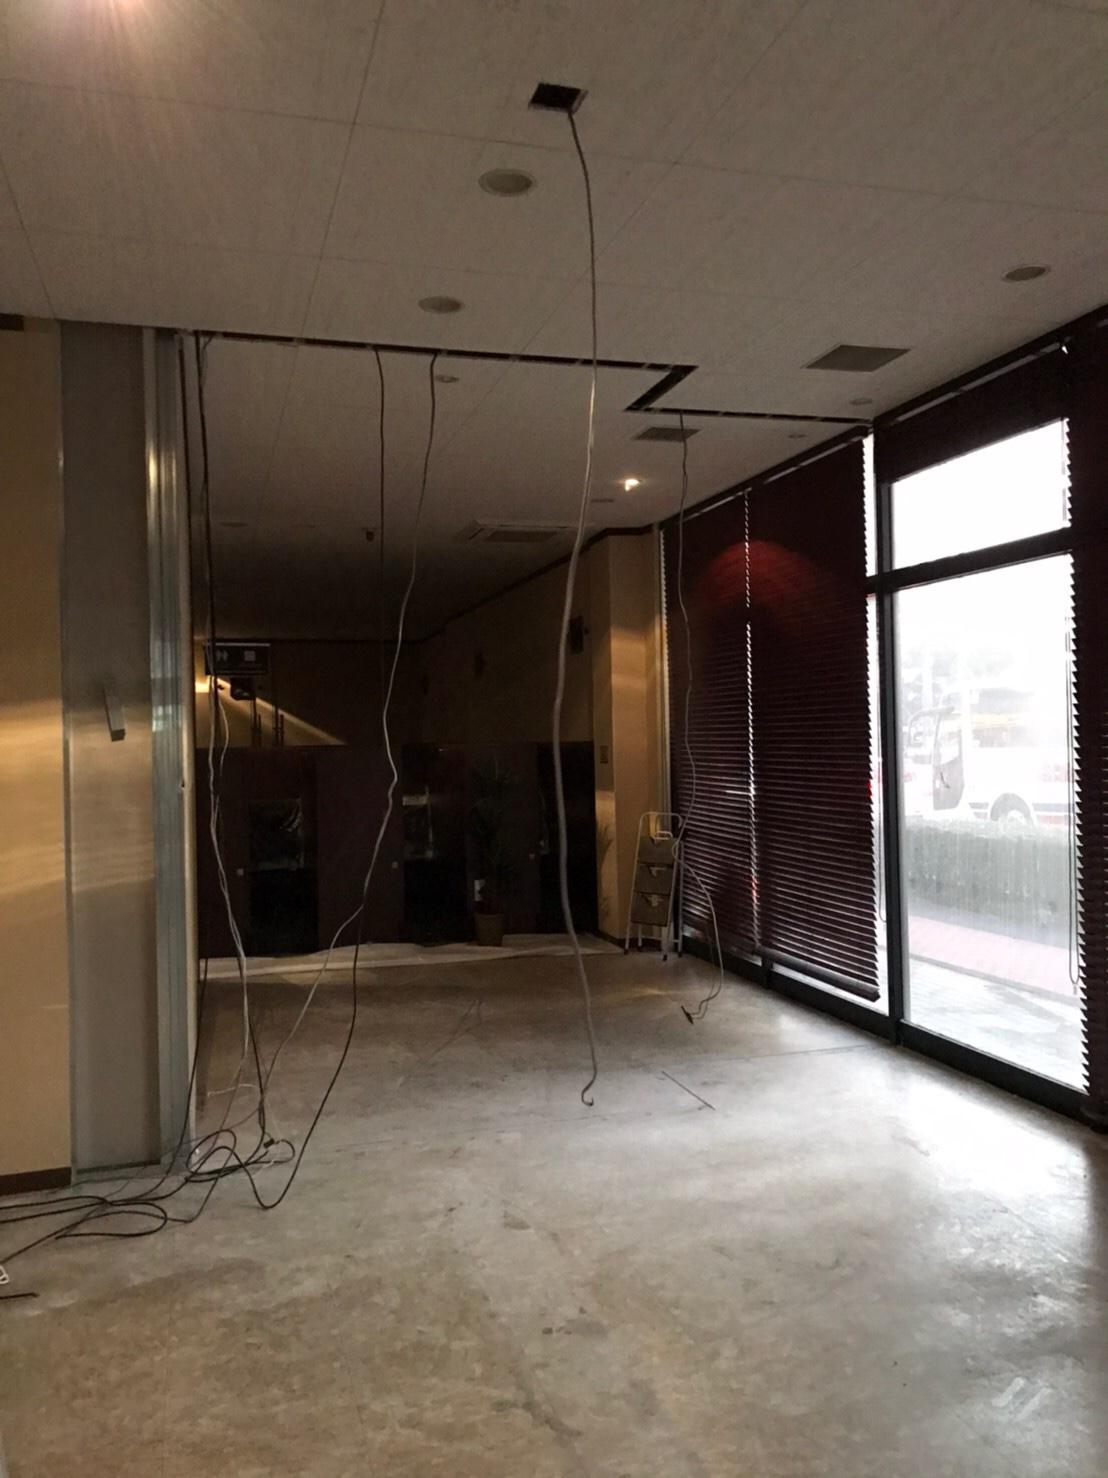 記事 飲食店内装解体工事のアイキャッチ画像